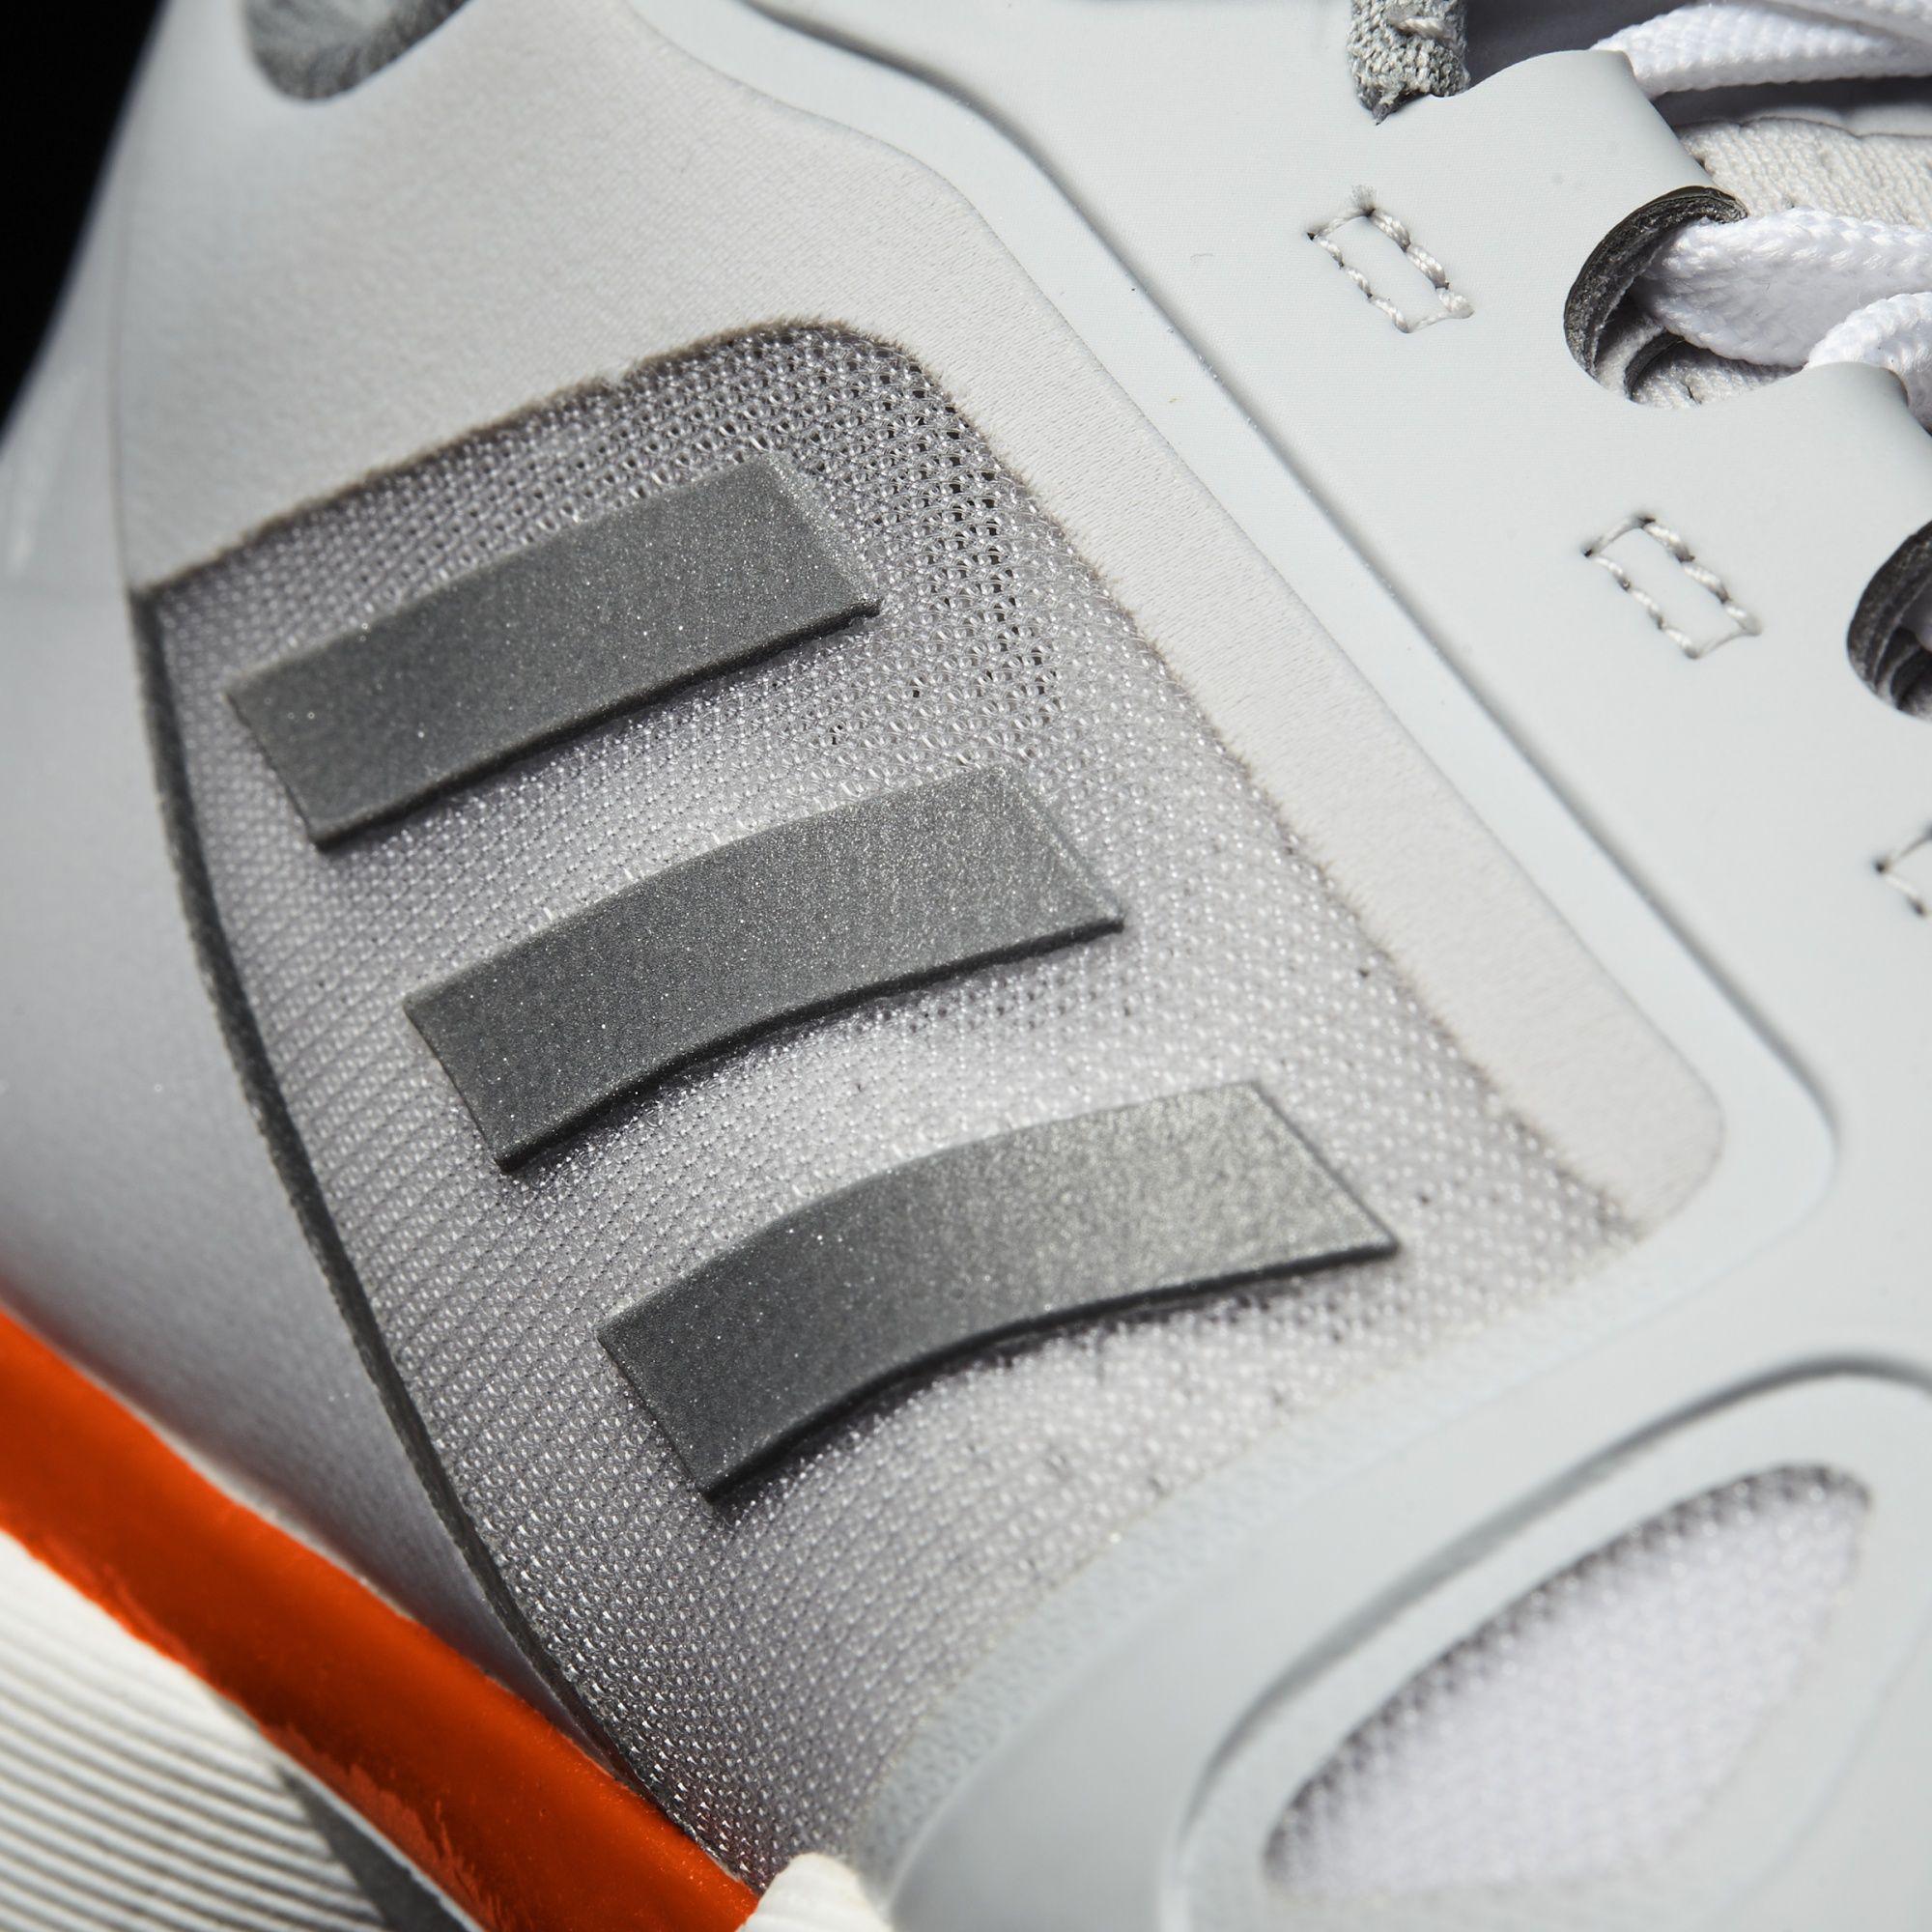 Lyst adidas da stella mccartney barricata 2017 le scarpe in grigio.